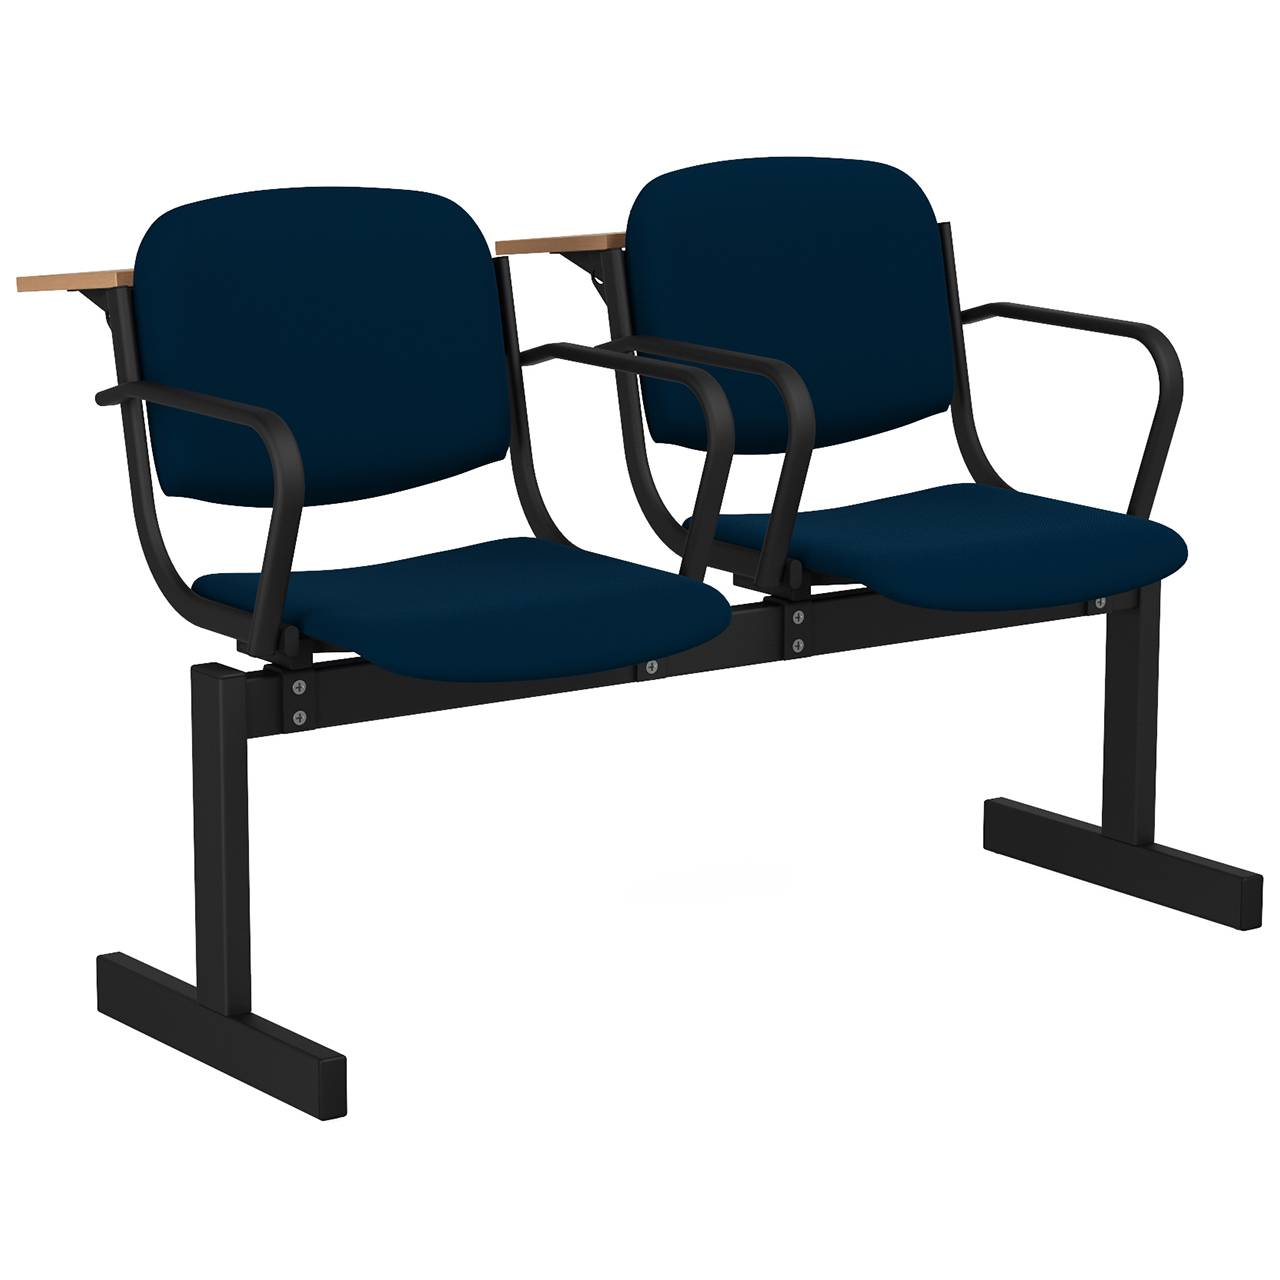 2-местный, не откидывающиеся сиденья, мягкий, подлокотники, лекционный черный синий Флок